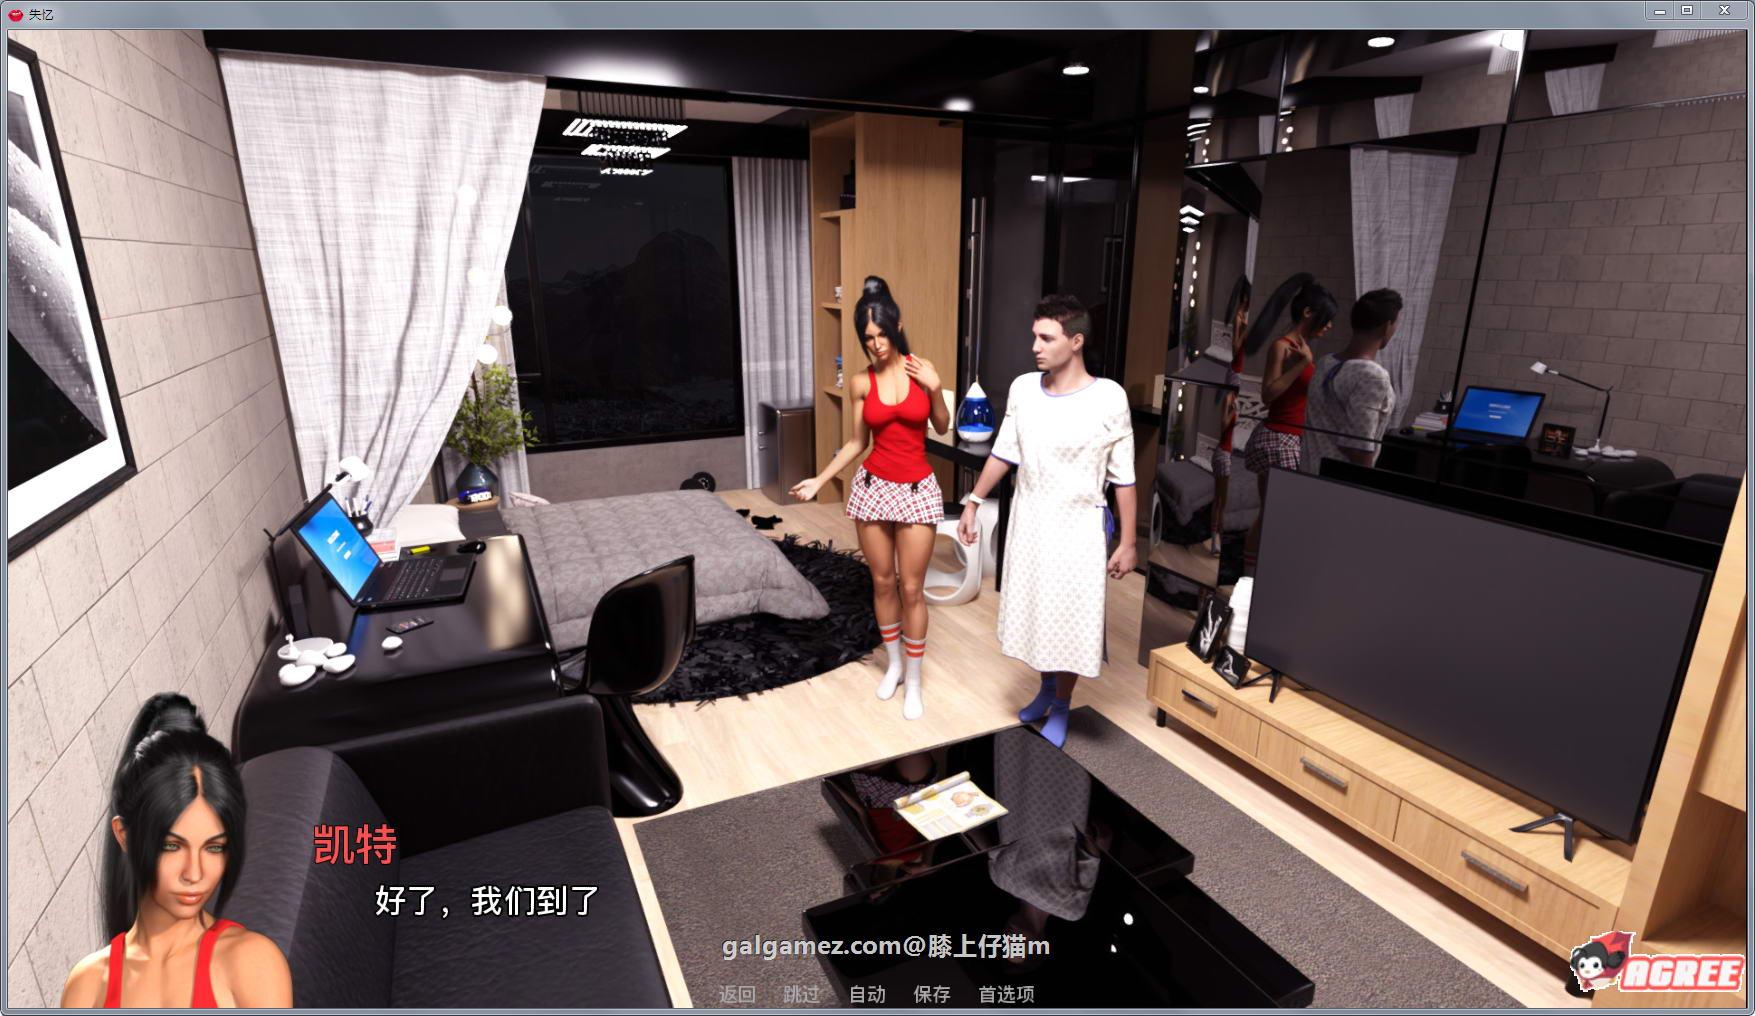 【欧美SLG/汉化/极致动态】失忆 V3.0A 精翻汉化版【3.3G】 12